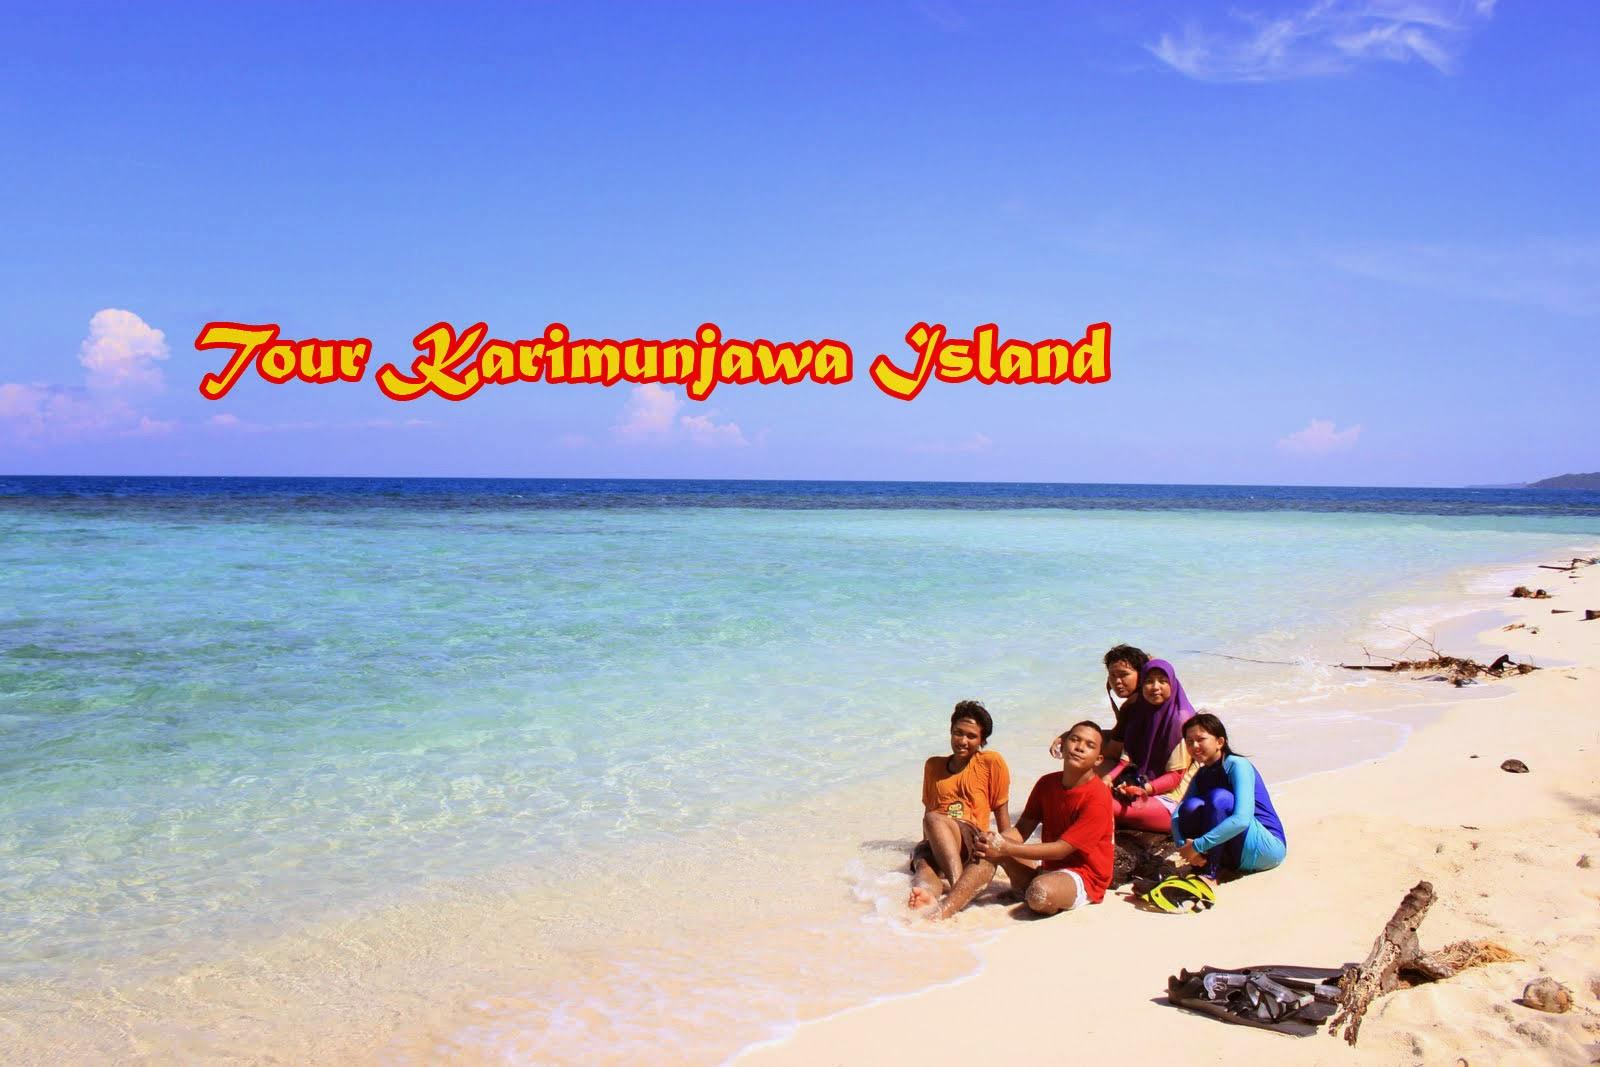 surga pulau cantik karimunjawa, Panorama karimunjawa, pantai karimunjawa, pulau karimun jawa, bawah laut karimunjawa, indahnya karimunjawa, tour karimunjawa, paket wisata karimunjawa, trip karimunjawa